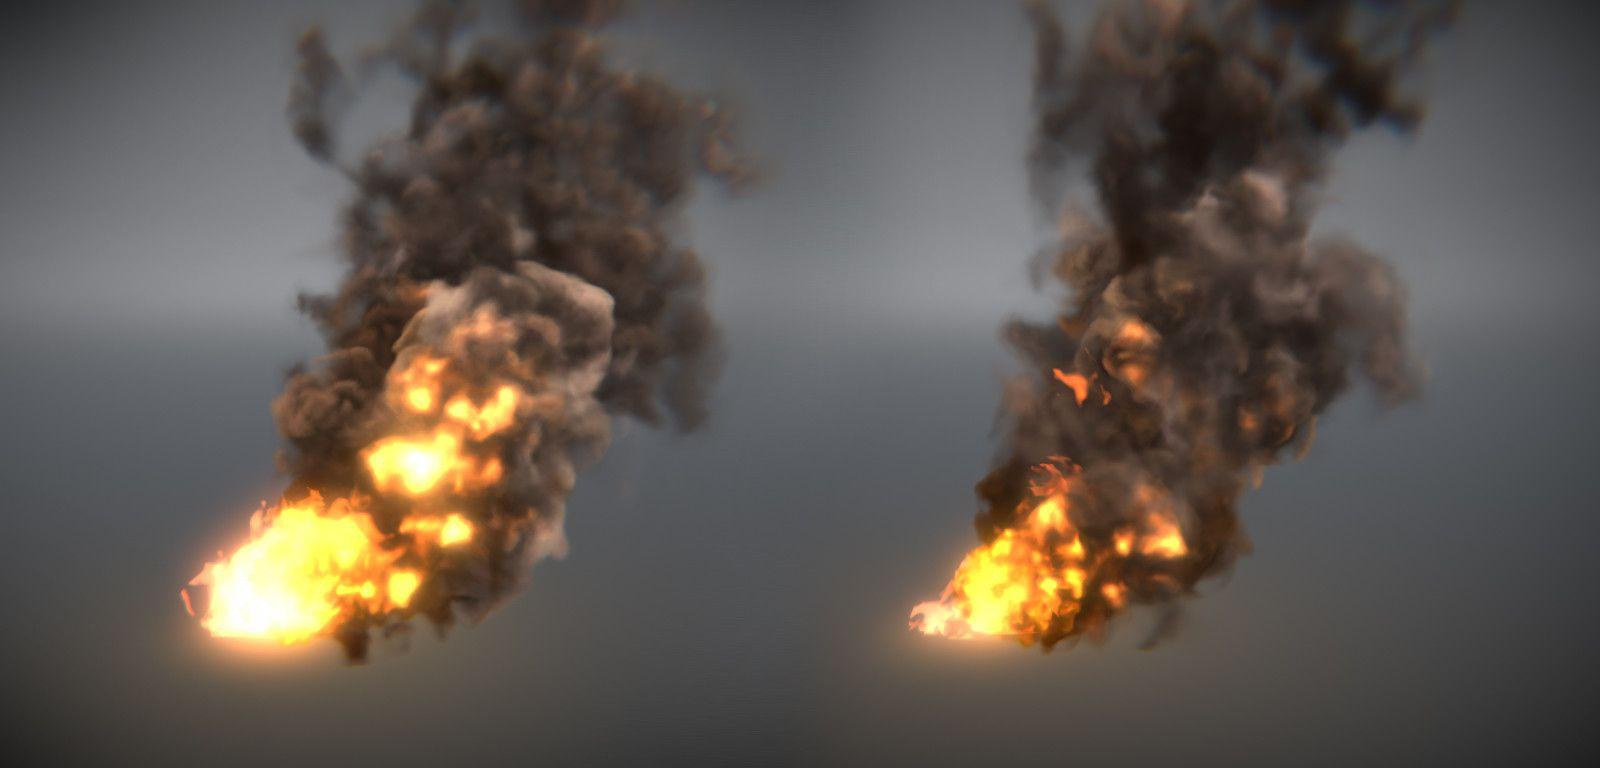 ArtStation - Burning smoke (Unity real-time / Shader Graph), Ivan